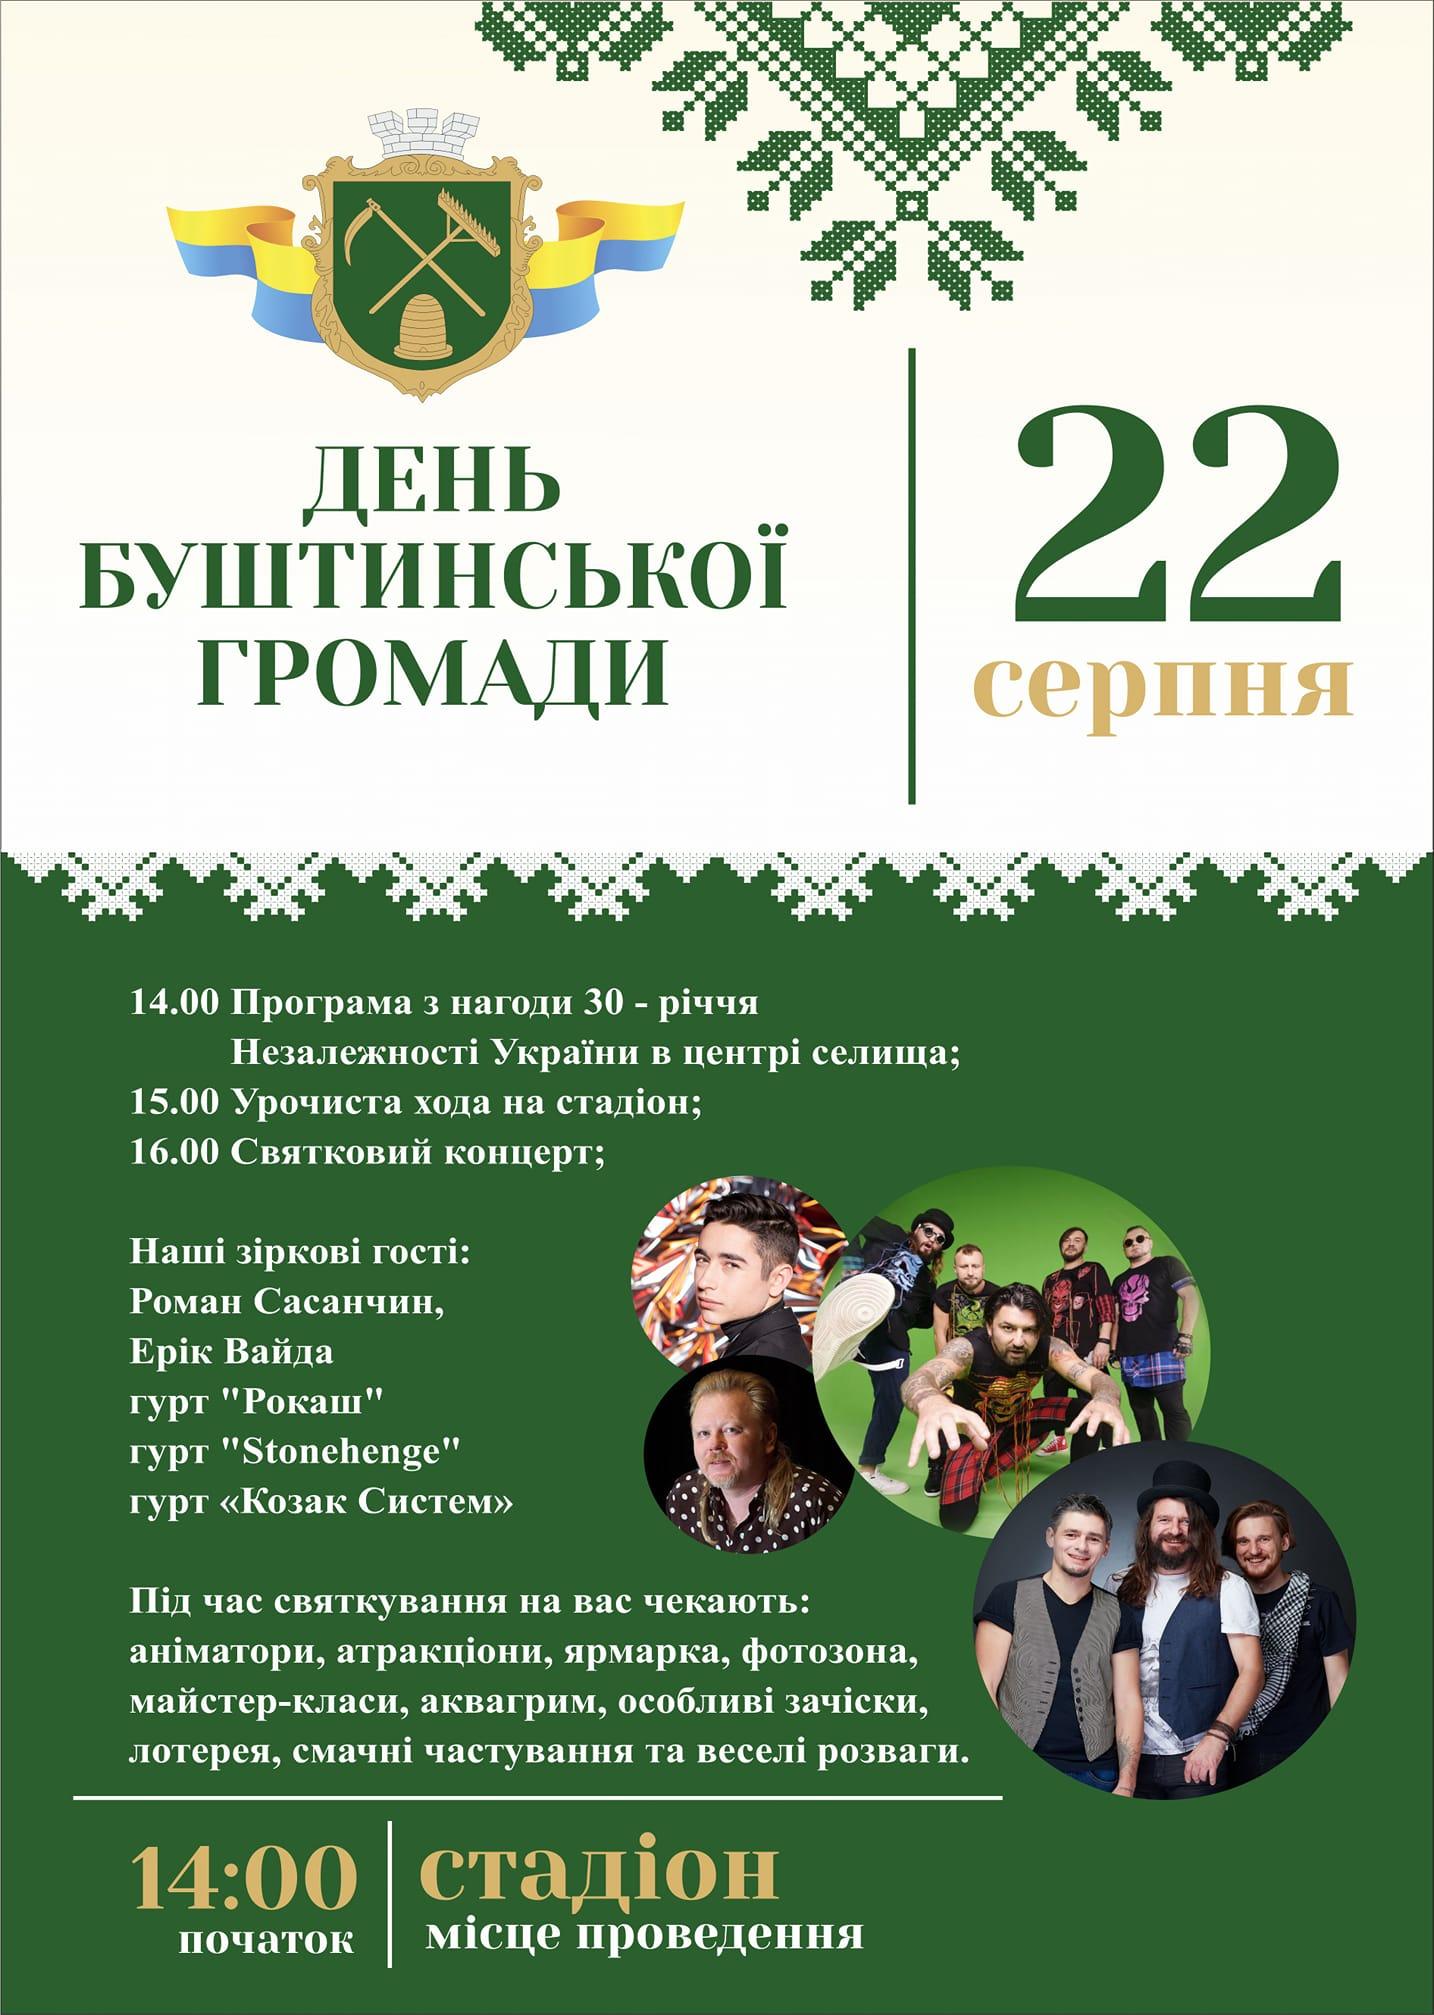 Запрошуємо на святкування  Дня Буштинської громади!